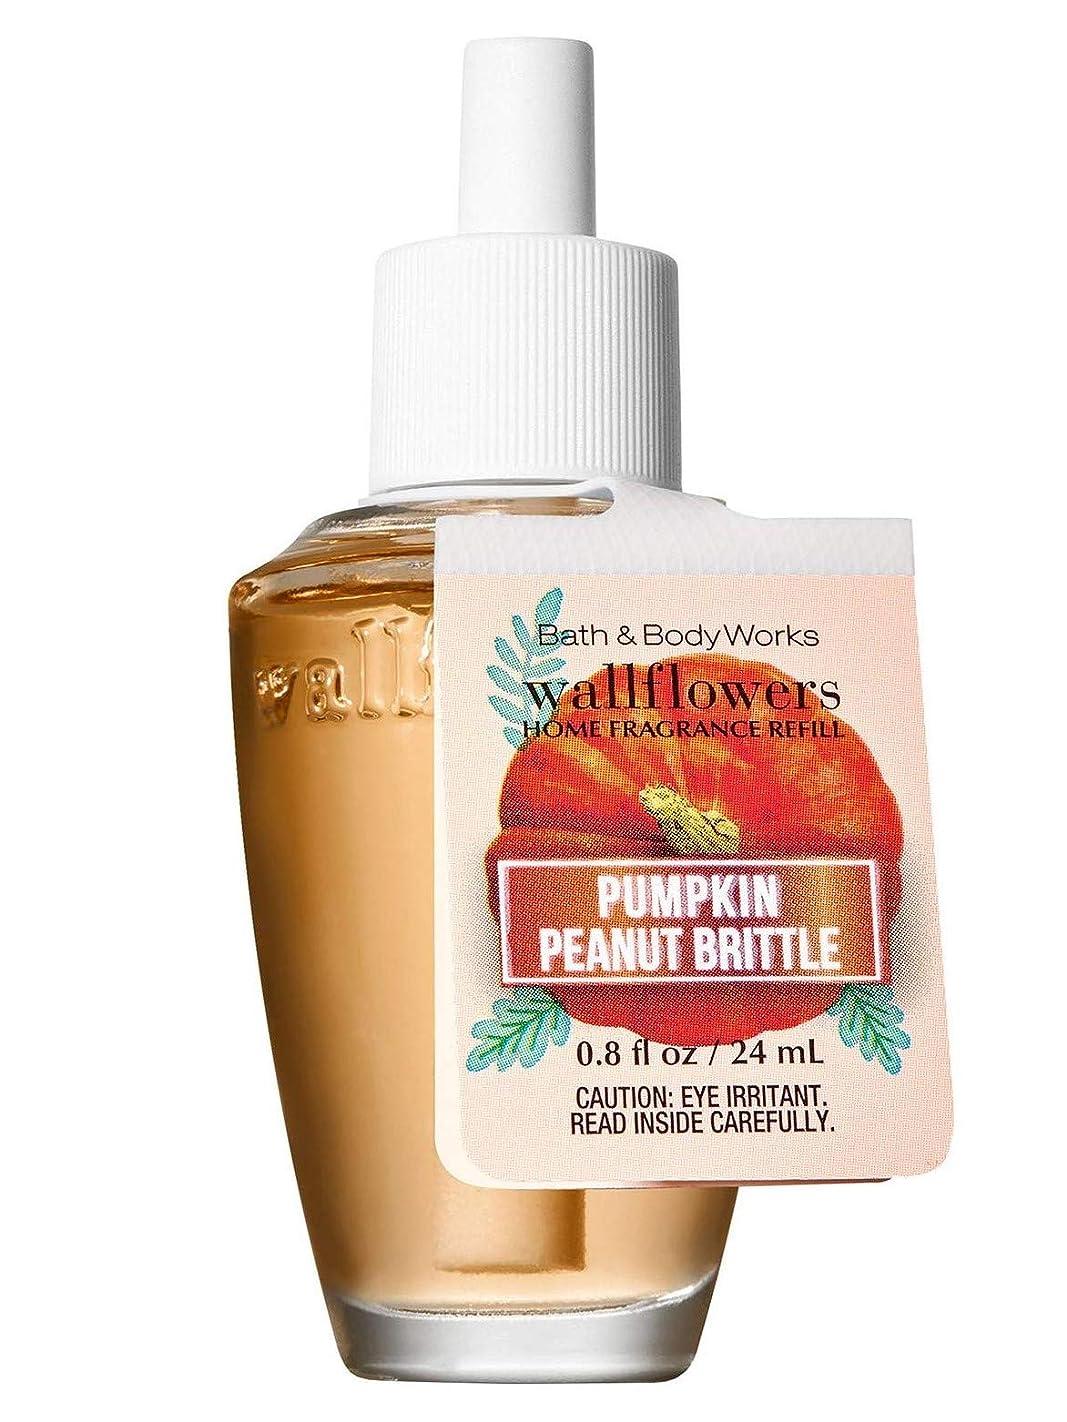 前電気陽性トラフィック【Bath&Body Works/バス&ボディワークス】 ルームフレグランス 詰替えリフィル パンプキンピーナッツブリトル Wallflowers Home Fragrance Refill Pumpkin Peanut Brittle [並行輸入品]